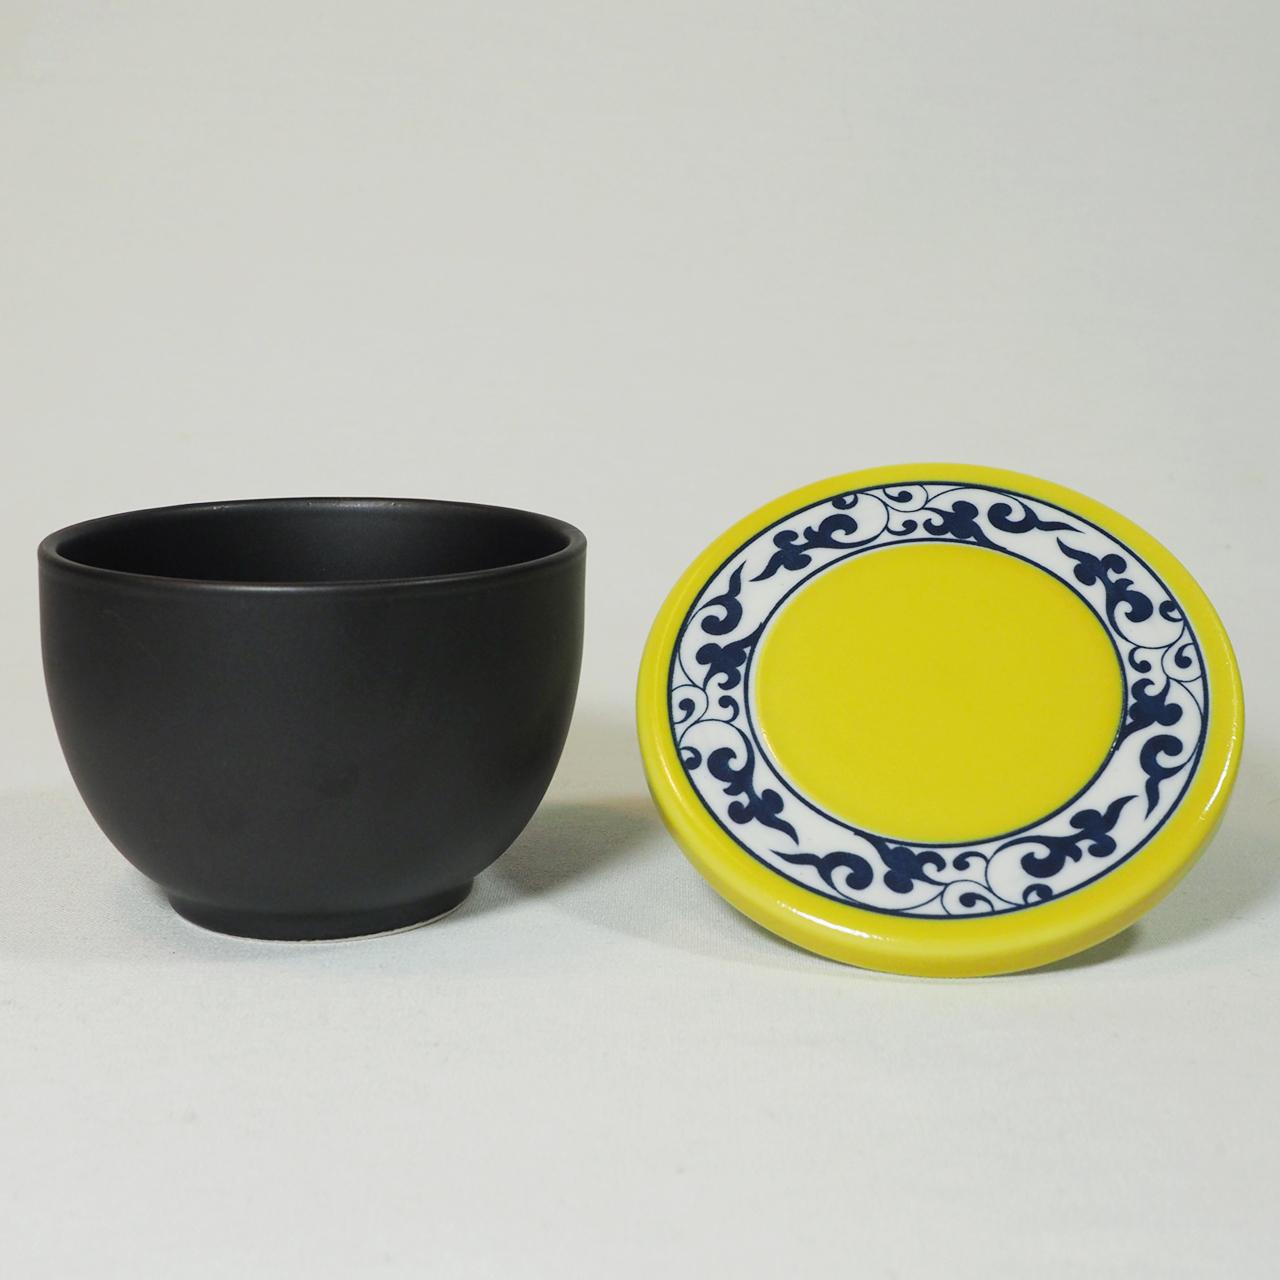 セラミック平蓋一膳 おひつ(黄唐草) 50-001-F